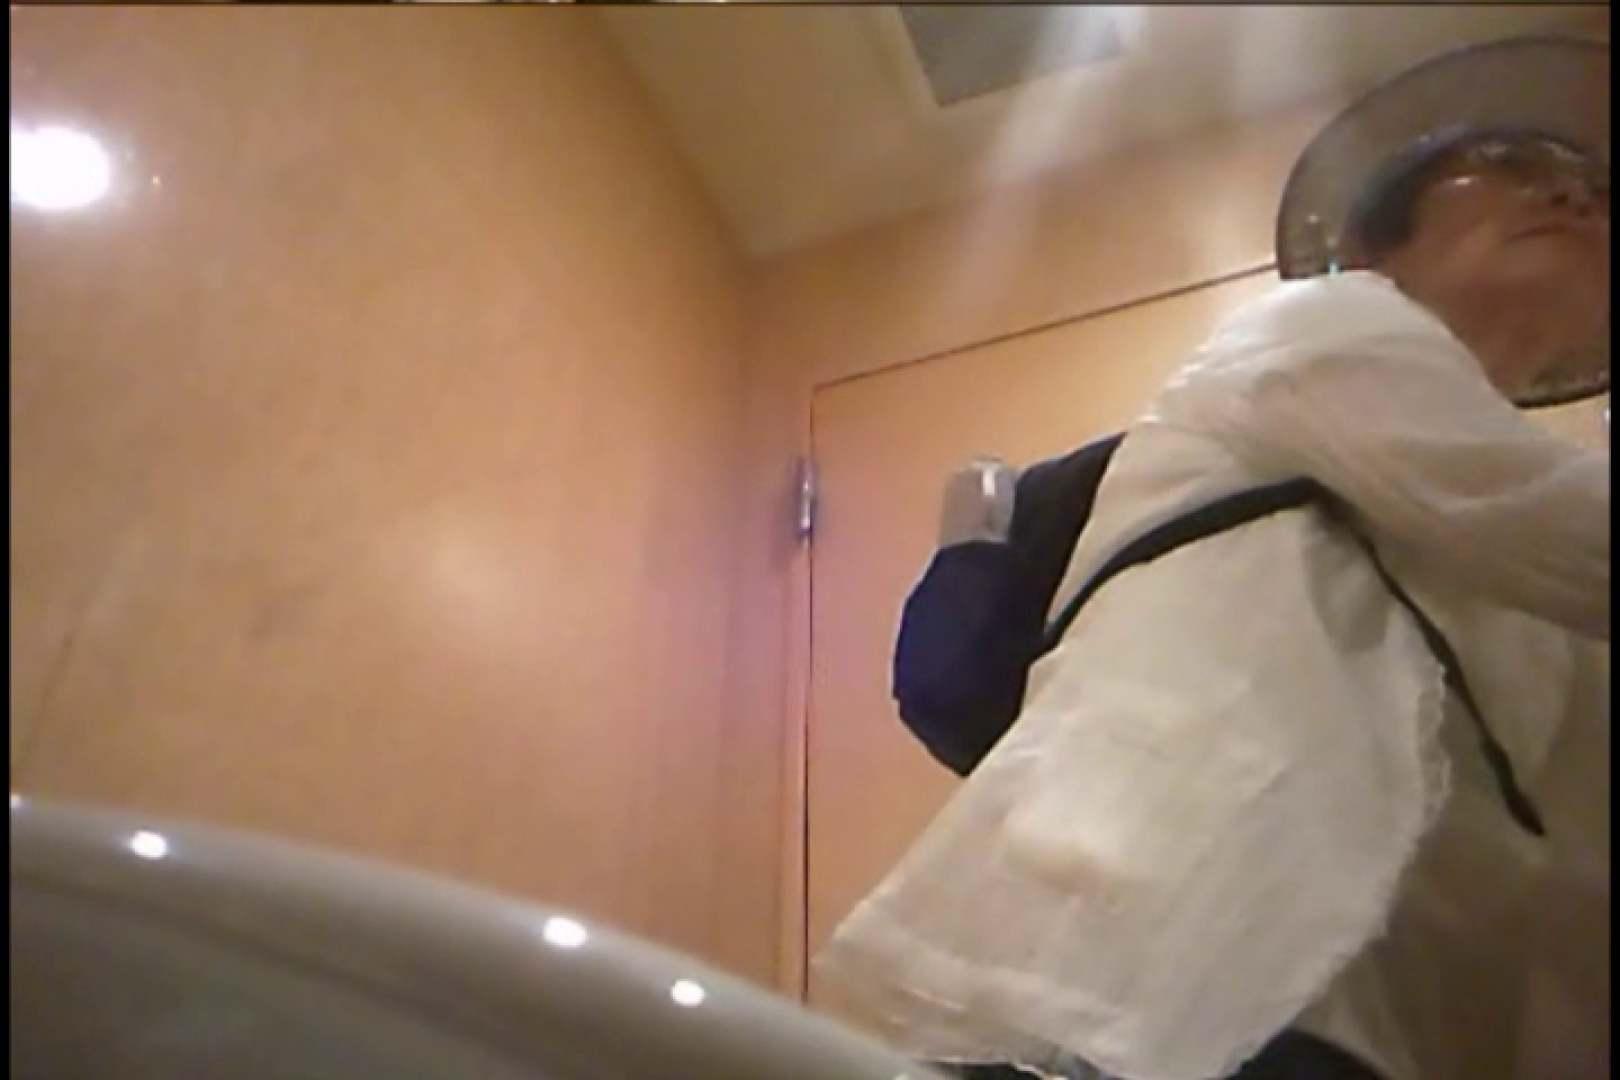 潜入!!女子化粧室盗撮~絶対見られたくない時間~vo,127 お姉さんのエロ動画 オマンコ無修正動画無料 110PIX 74